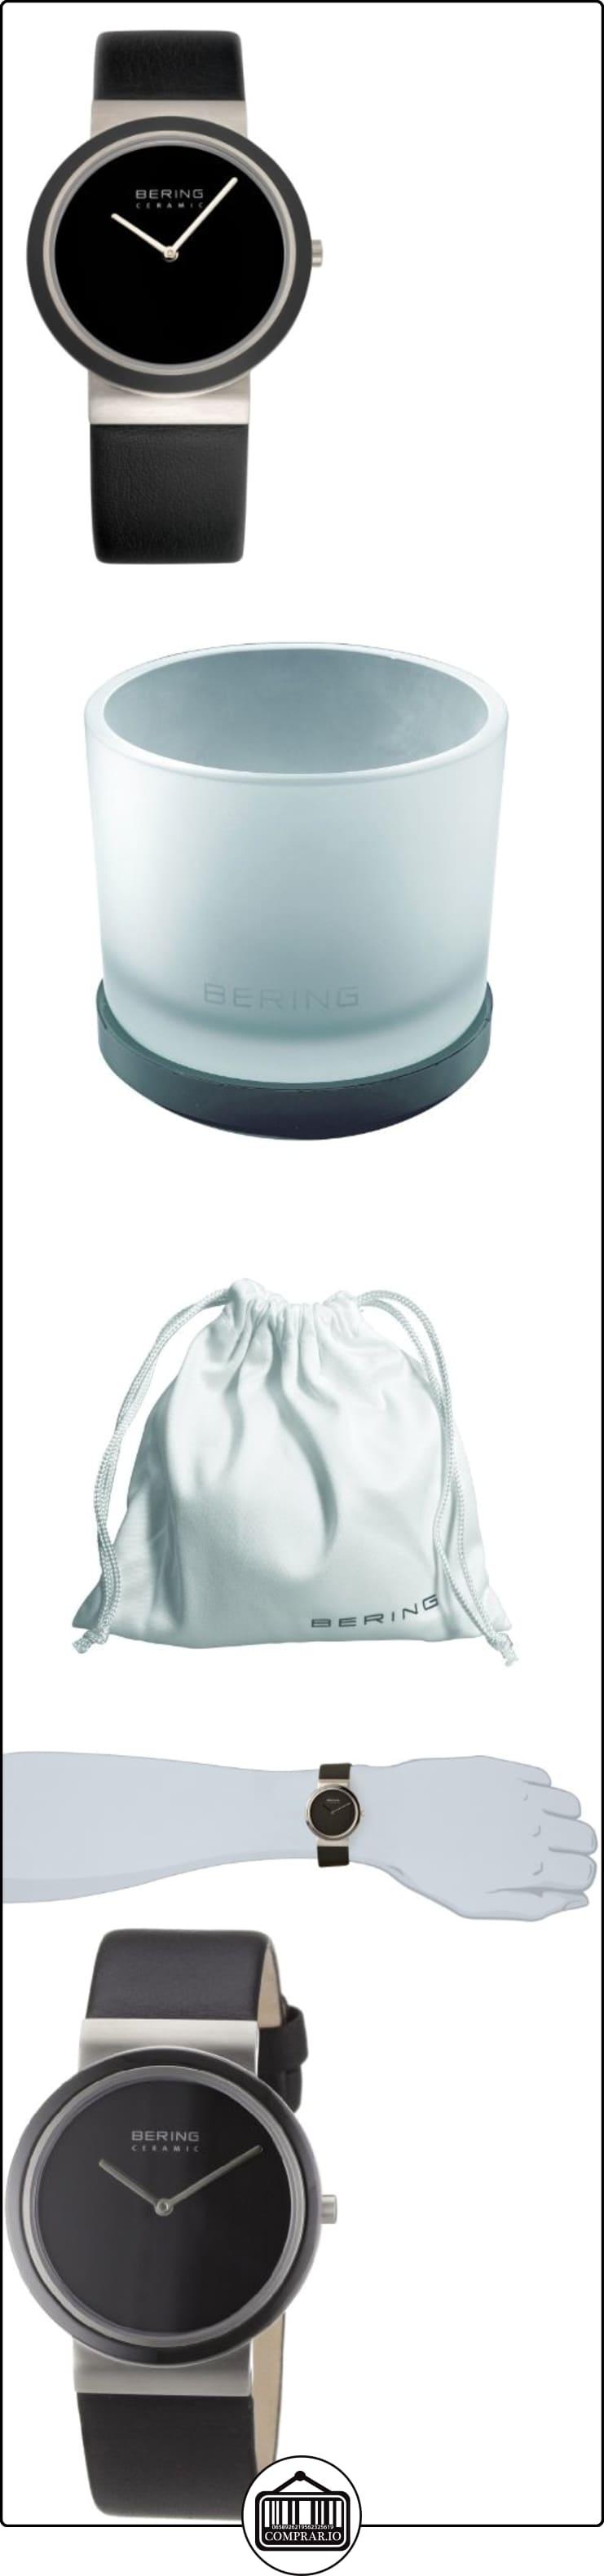 Bering Ceramic - Reloj analógico de caballero de cuarzo con correa de piel negra - sumergible a 50 metros  ✿ Relojes para hombre - (Gama media/alta) ✿